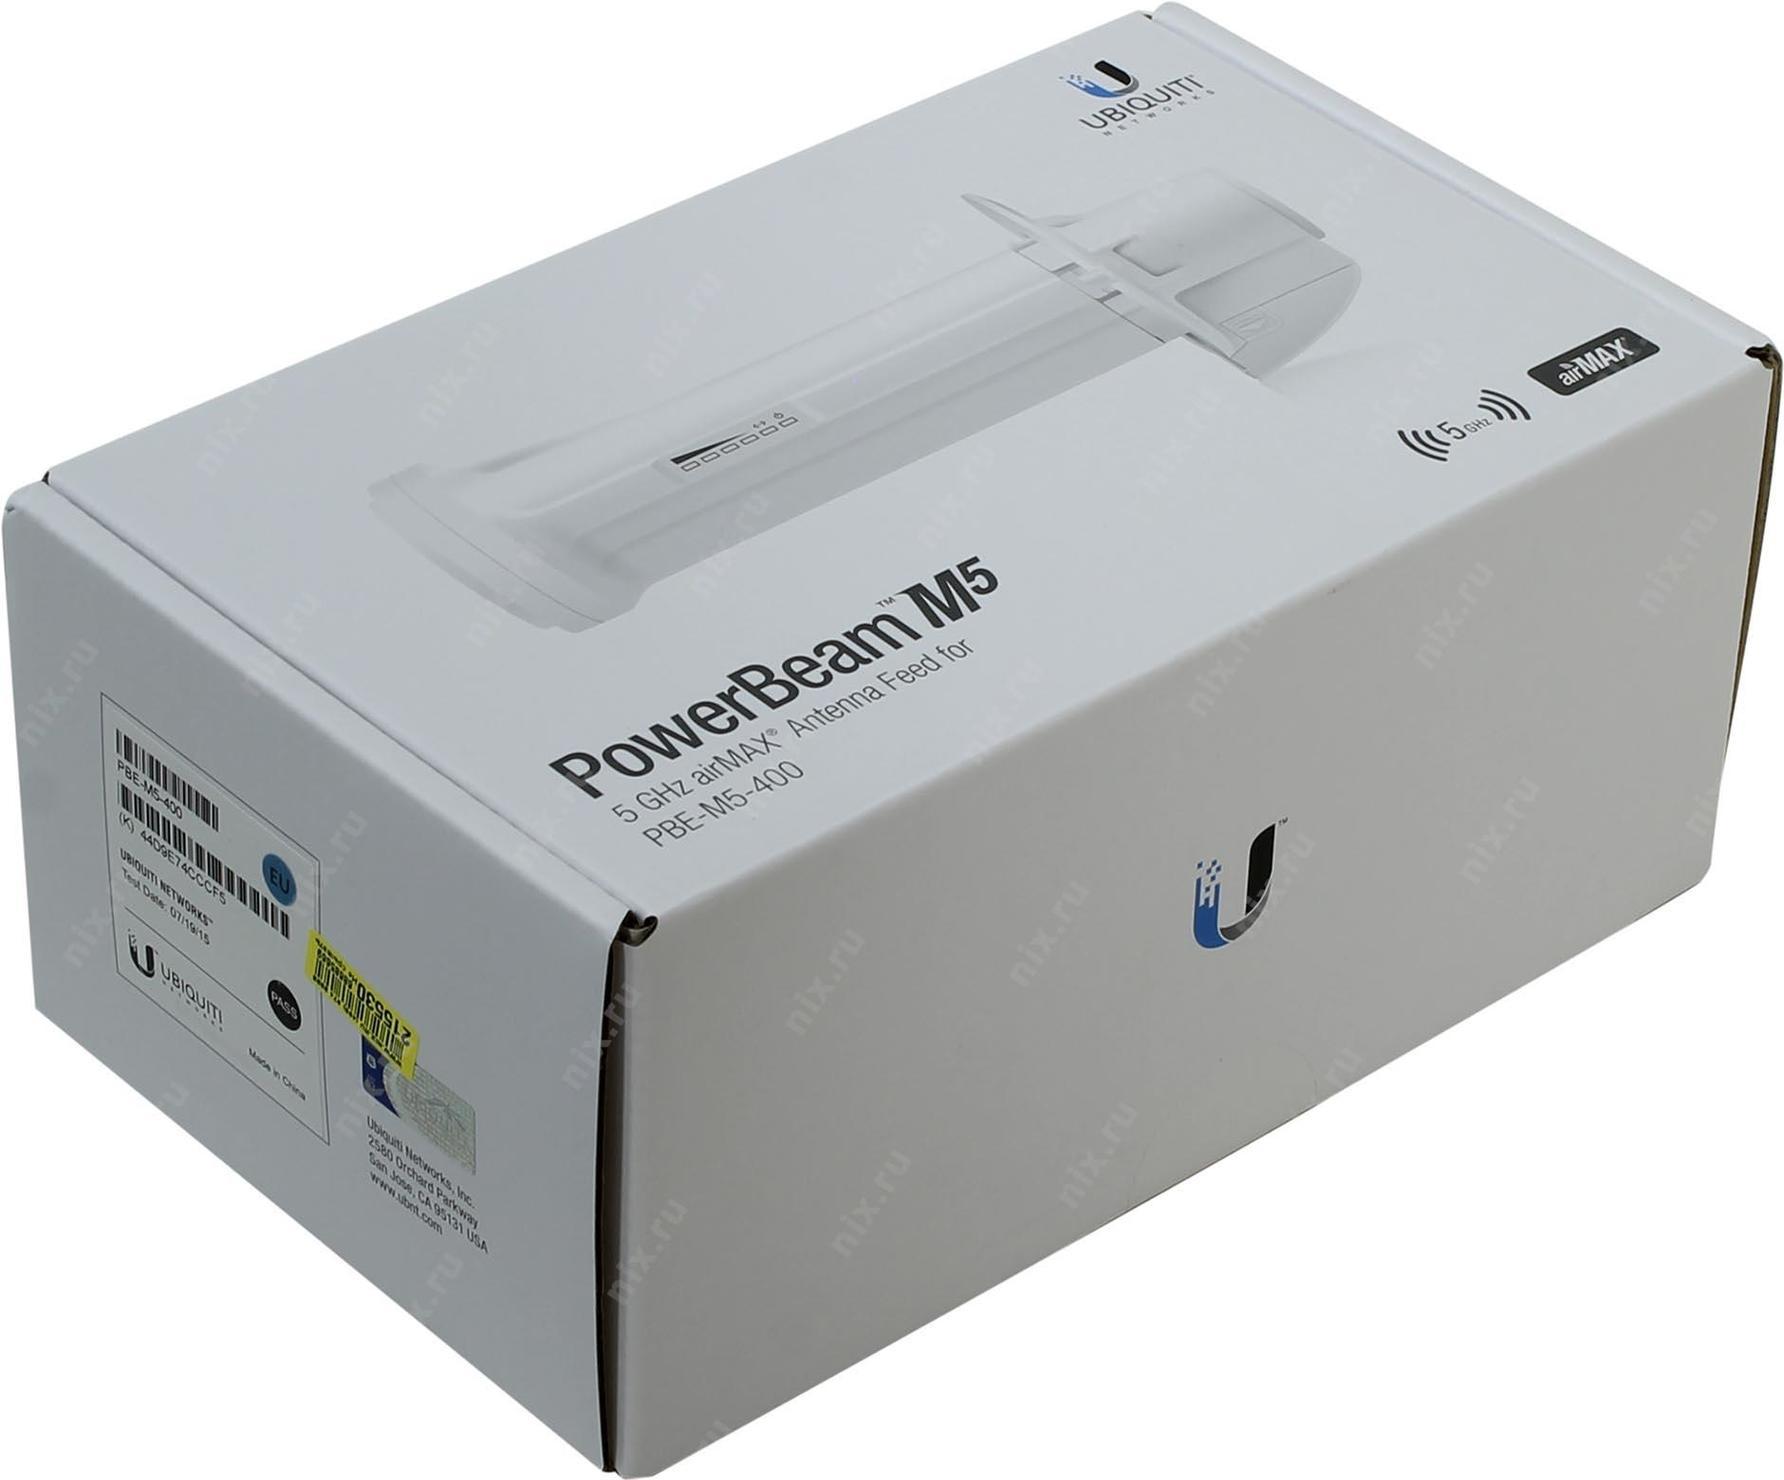 Ubiquiti Powerbeam M5 400 Power Beam Pbe